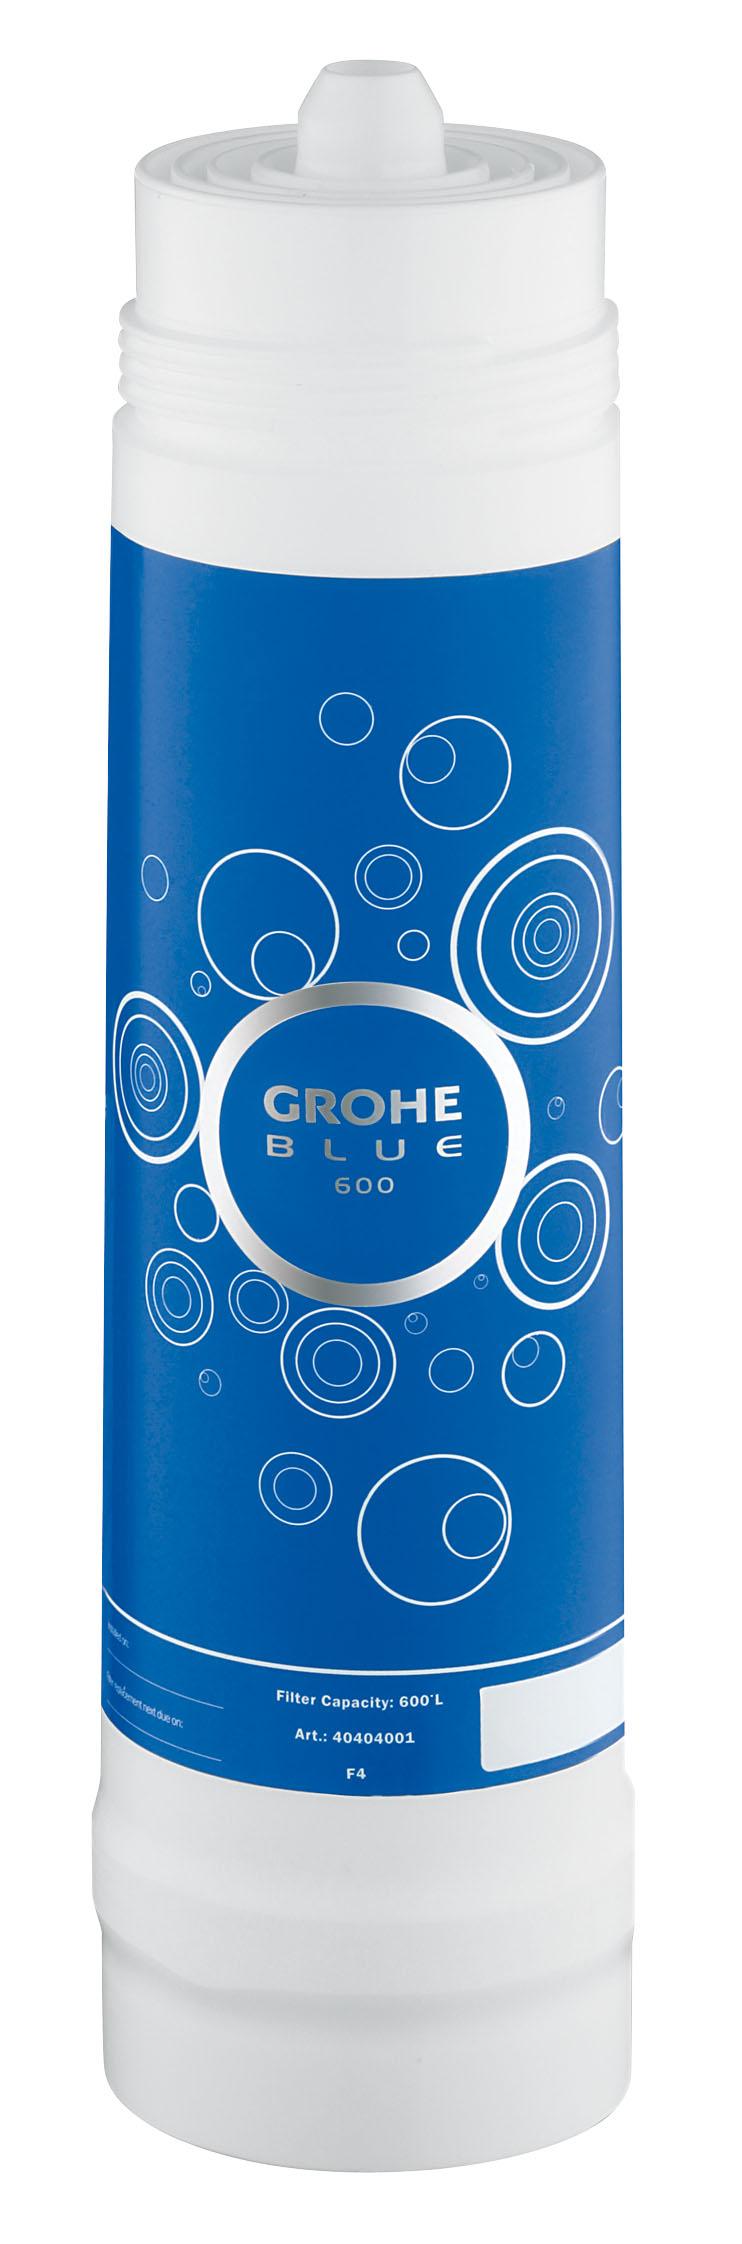 Фильтр сменный для водных систем Grohe Blue, 600 л40404001GROHE Blue. Cовершенный вкус питьевой воды. Вода – это не только самый ценный ресурс на планете, но и основа существования всего живого. Основой репутации компаний GROHE и BWT – европейских лидеров сферы водопользования – являются принципы безопасности, гигиеничности и высочайшие стандарты качества. Объединив свои наработки и опыт, мы создали принципиально новые системы подачи воды. Инновационные устройства серии GROHE Blue превращают водопроводную воду в чистейшую питьевую.Эту воду Вы будете с наслаждением использовать ежедневно. Фильтры GROHE Blue понижают содержание извести в водопроводной воде и превращают ее в приятную на вкус и пригодную для питья. Уникальная технология 5-ступенчатой фильтрации очищает воду от всех примесей, ухудшающих ее вкус и запах. В результате получается чистейшая вода – без тяжелых металлов, примесей, извести и хлора.Как работает фильтр GROHE Blue:1) Предварительная фильтрация - предварительная грубая очистка от частиц, попадающих в воду при ее прохождении через систему водоснабжения, удерживает крупные частицы; 2) Предварительная фильтрация на основе активированного угля - вторая ступень предварительной фильтрации, очищающая воду от источников неприятного запаха и вкуса (например, хлора); 3) Ионообменный фильтр - прохождение воды через высокопроизводительный ионообменник, понижающий содержание извести и тяжелых металлов. Смягчает воду, снижая карбонатную жесткость, и связывает ионы тяжелых металлов, таких как свинец и медь; 4) Фильтр из активированного угля - фильтрация на основе активированного угля устраняет неприятный вкус, придаваемый воде хлором и органическими примесями; 5) Фильтр тонкой очистки - удерживает частицы величиной до 10 микрон.Комплект поставкии:BWT фильтр для GROHEBlue Объем 600 л Видео по установке является исключительно информационным. Установка должна проводиться профессионалами!